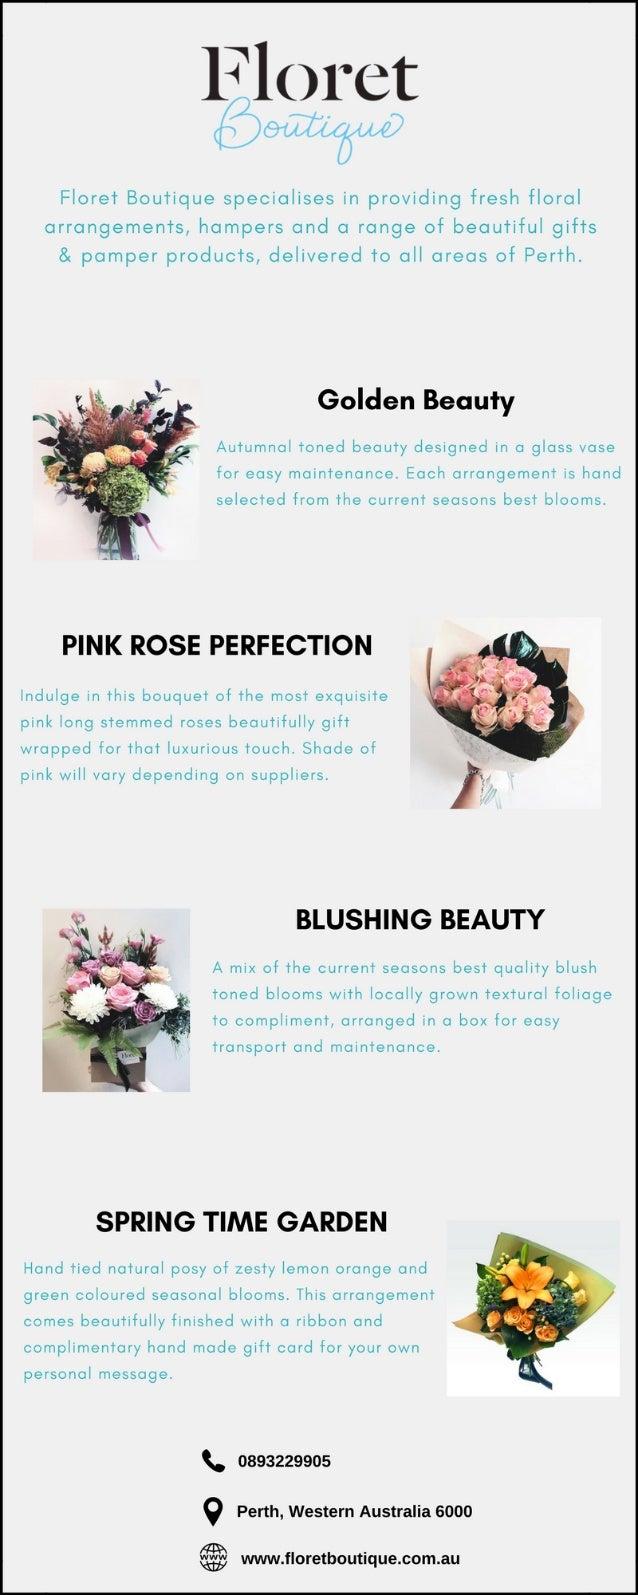 Floret Boutique Order Fresh Flowers Online